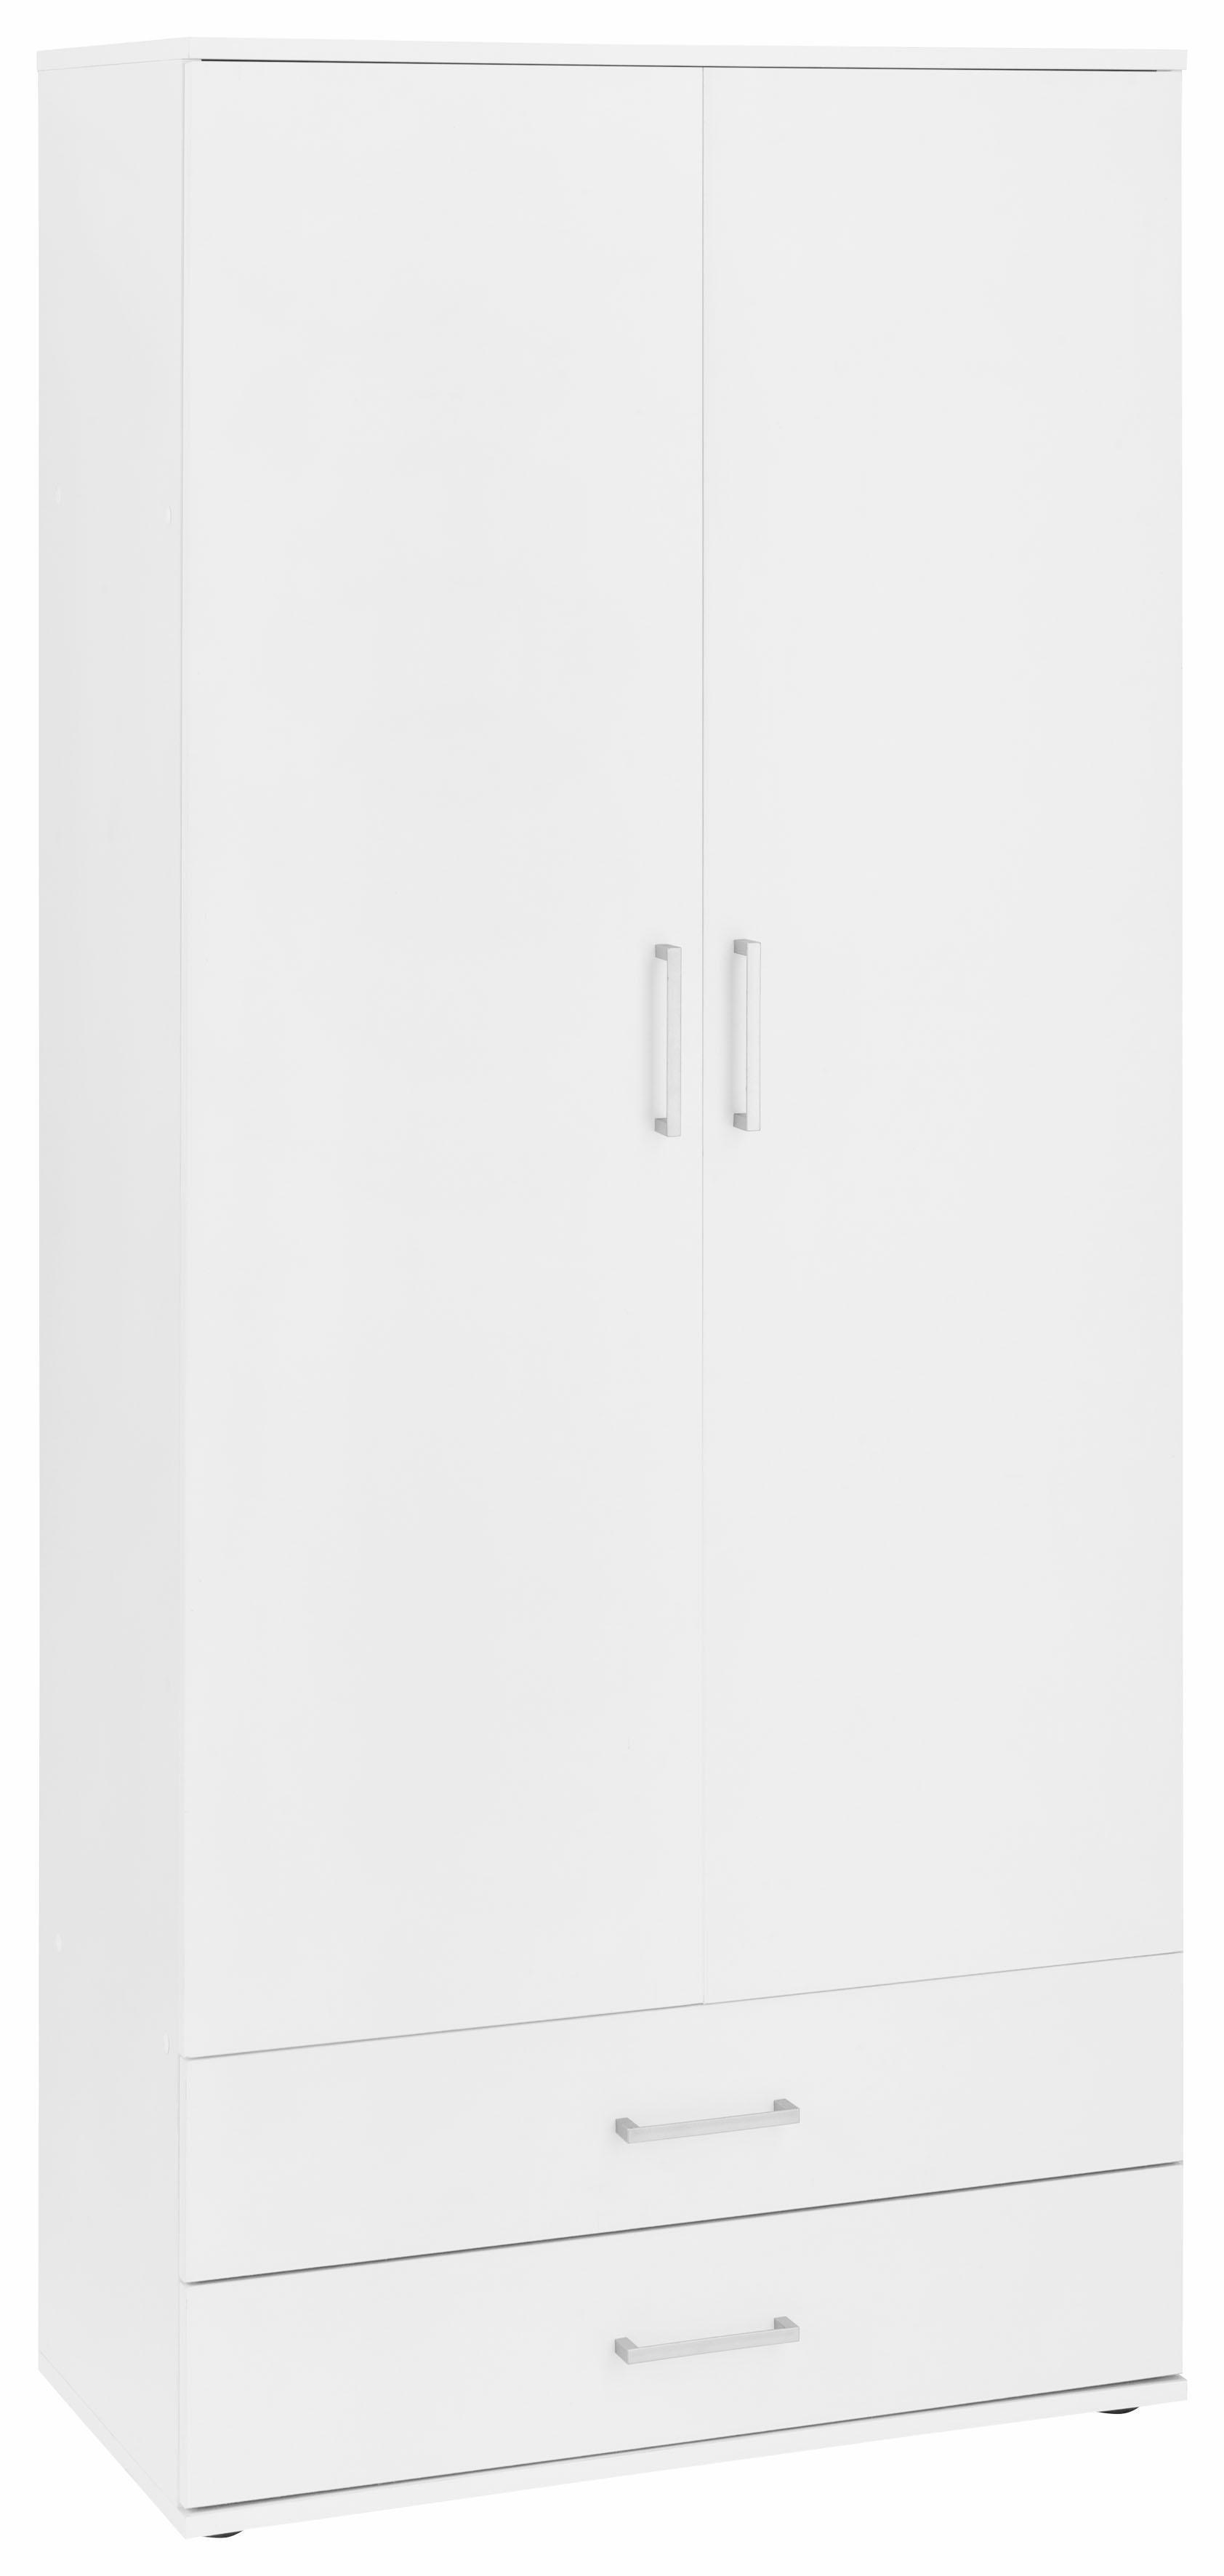 Wilmes Multifunctionele kast »Ems«, breedte 80 cm voordelig en veilig online kopen